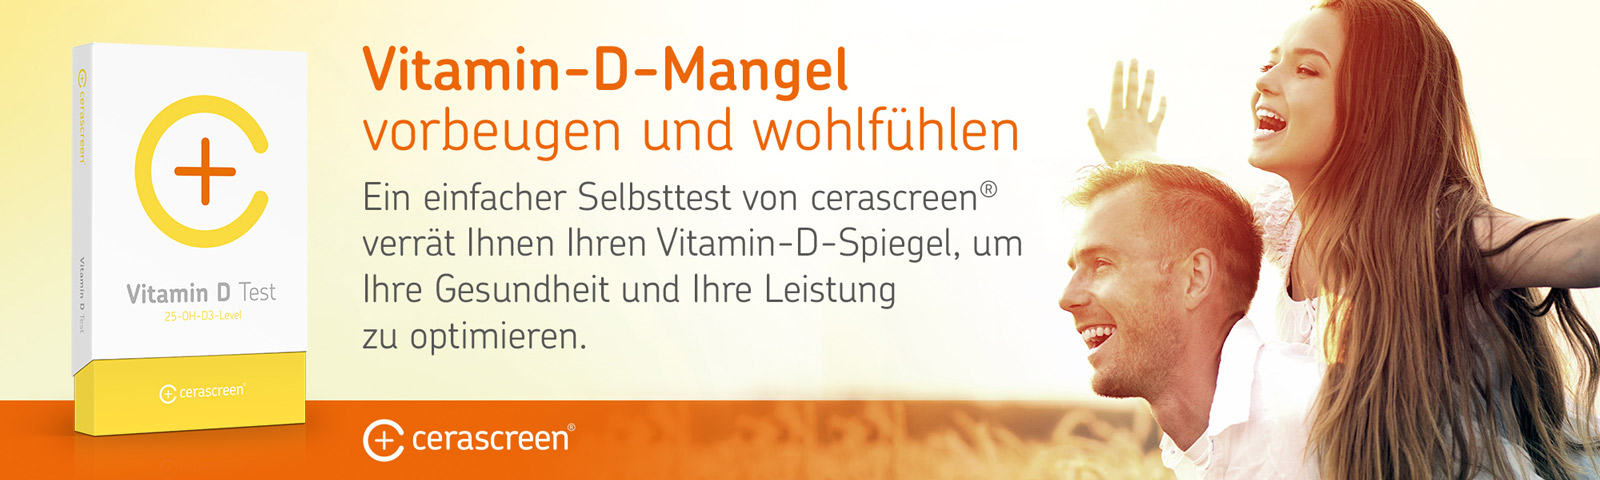 18022-Anzeige-Vitamin-D